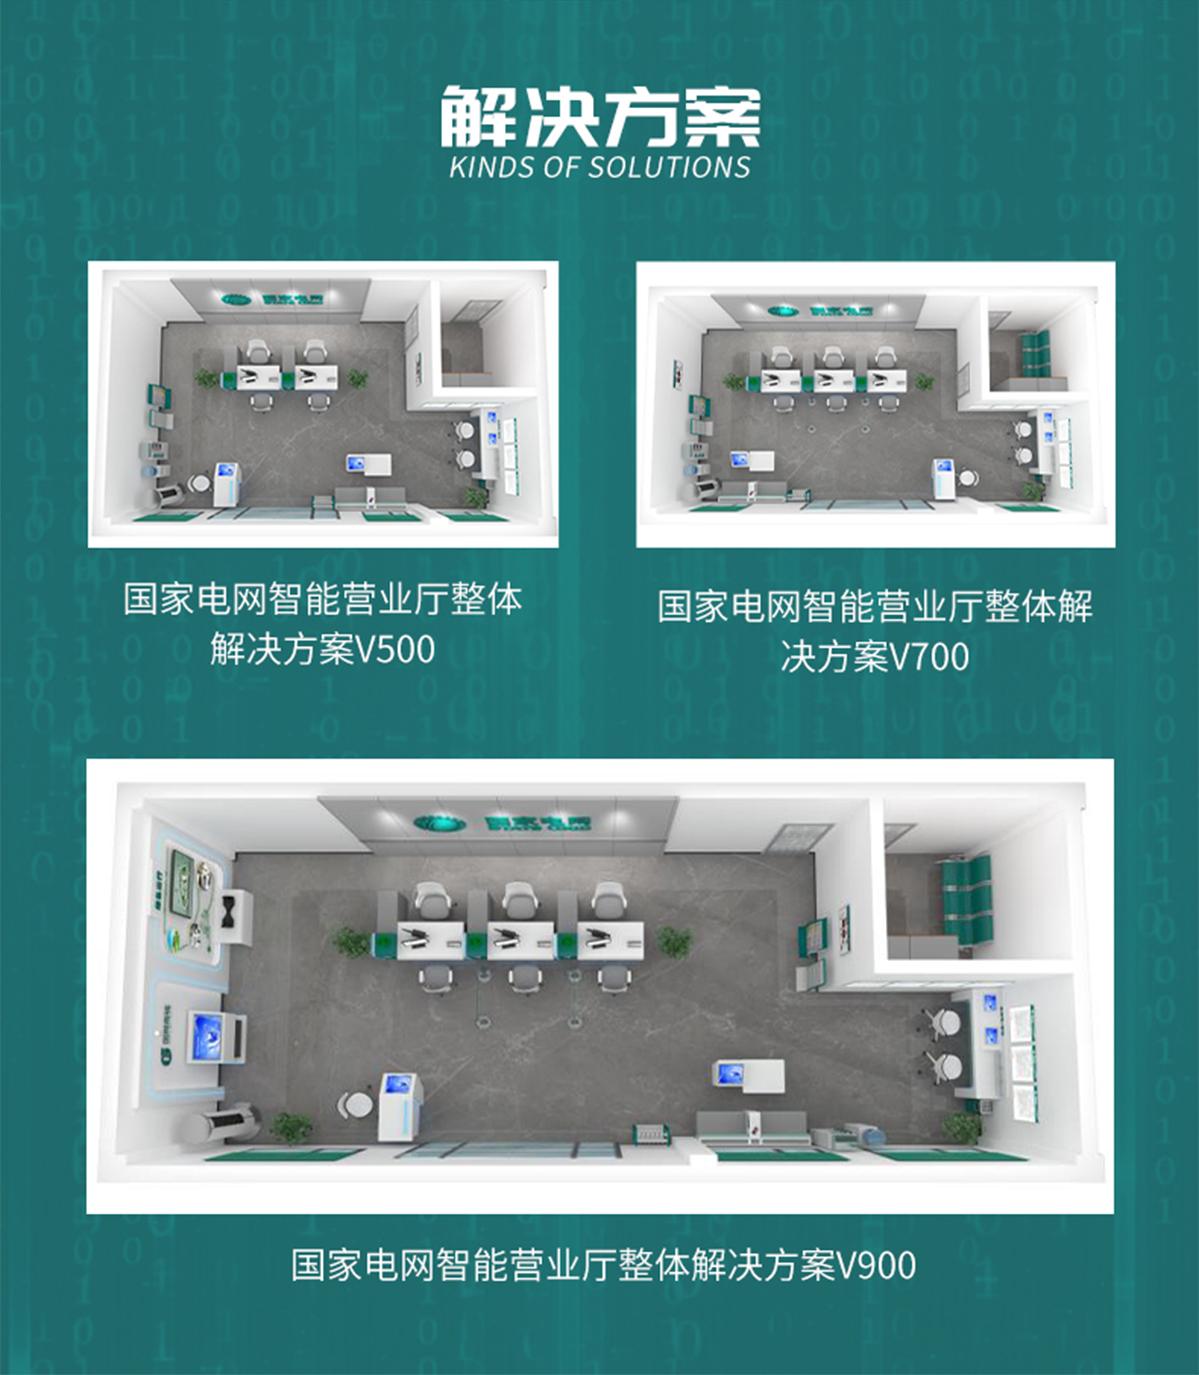 國電傳播,電力智慧營業廳,三型一化供電營業廳,全能型供電所,智能營業廳